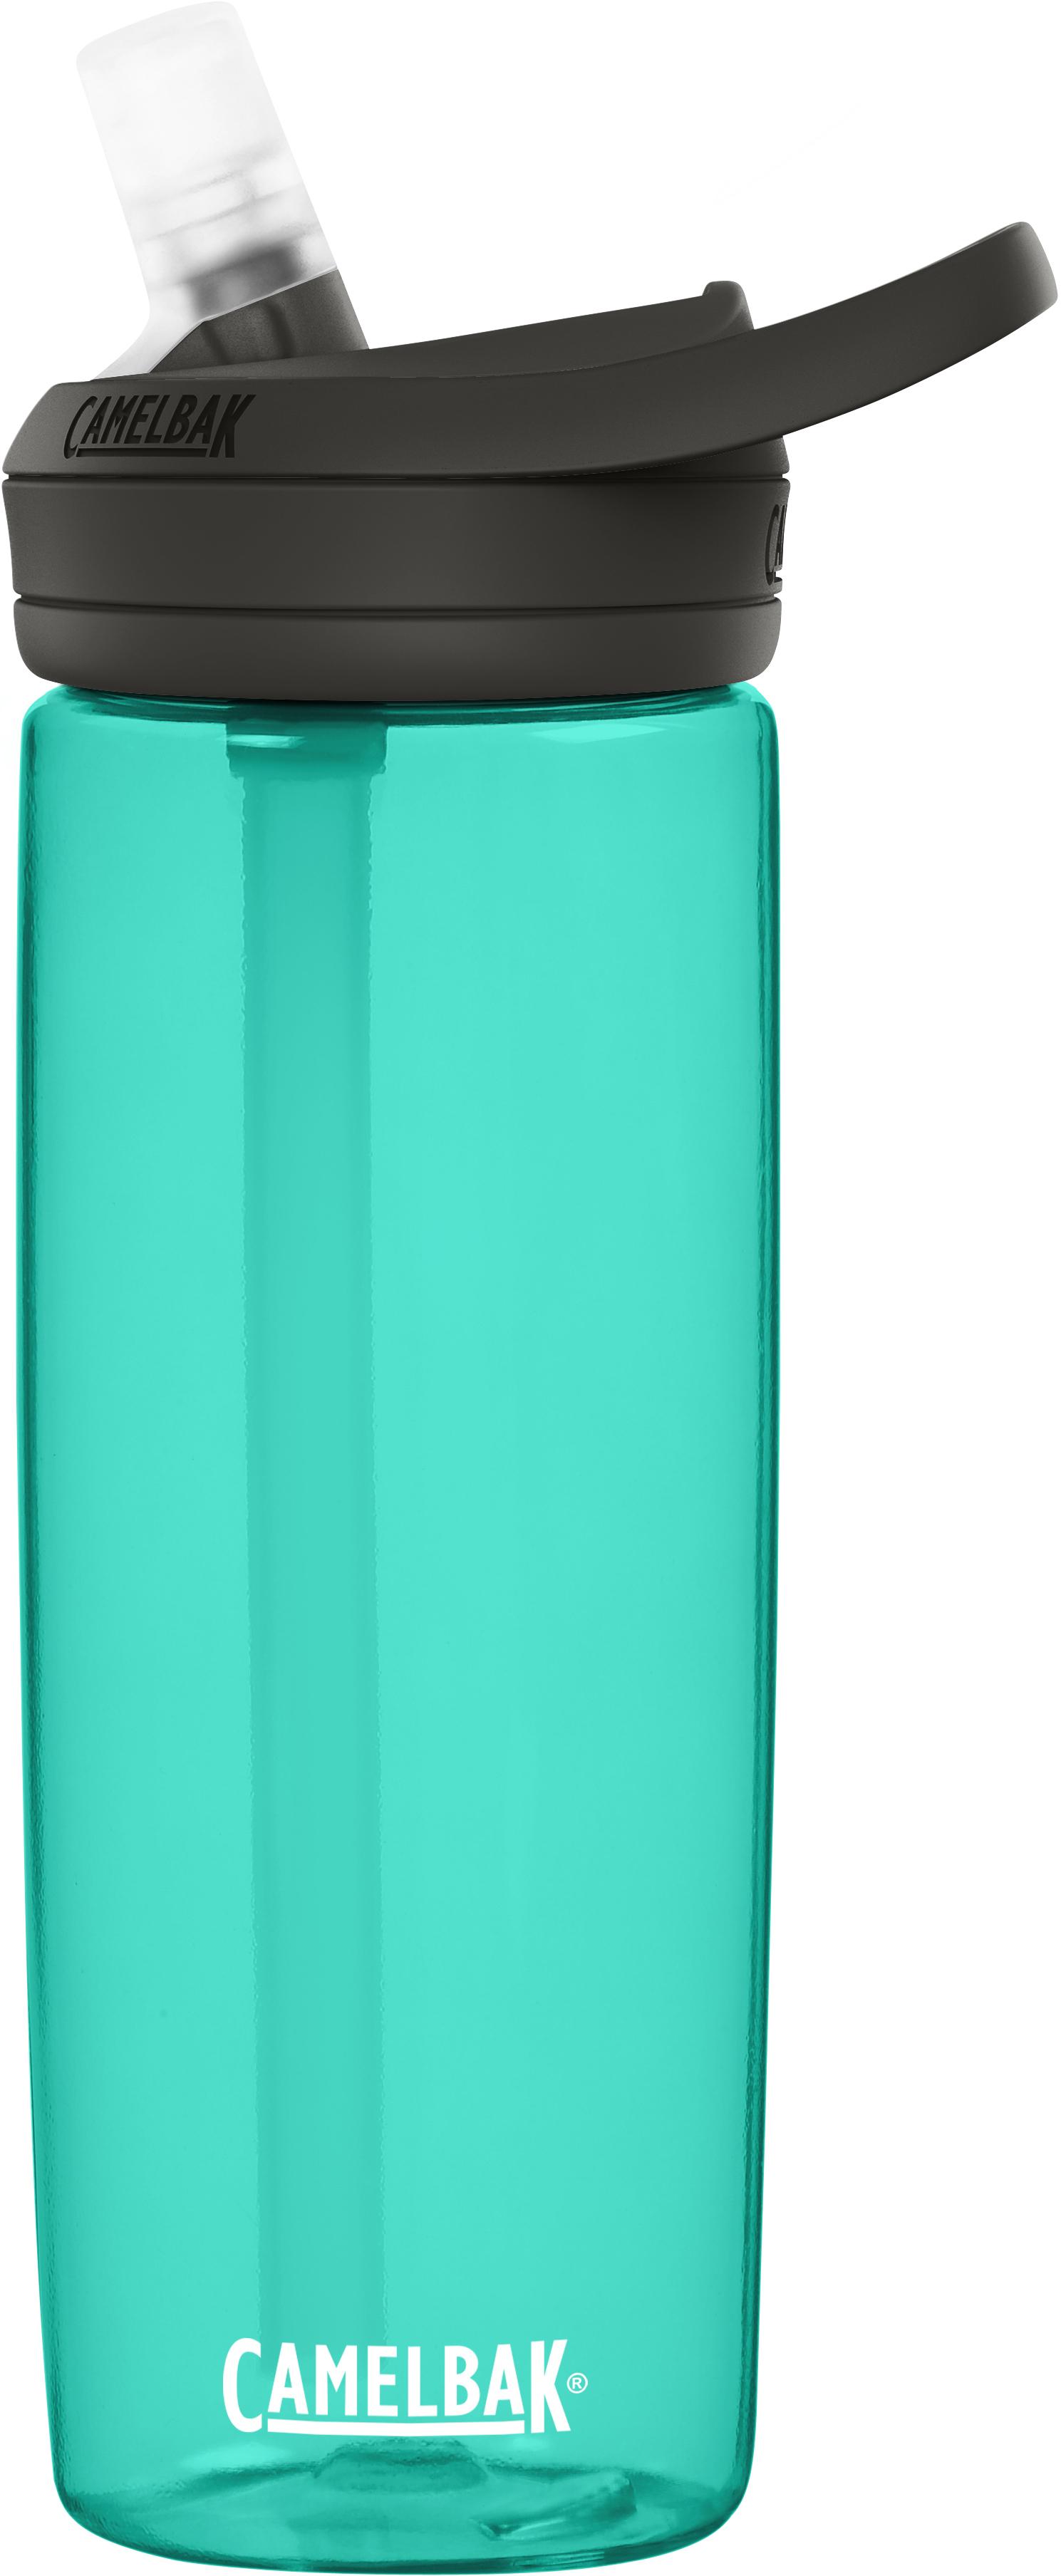 Camelbak EDDY 0,6L, bidon, plava